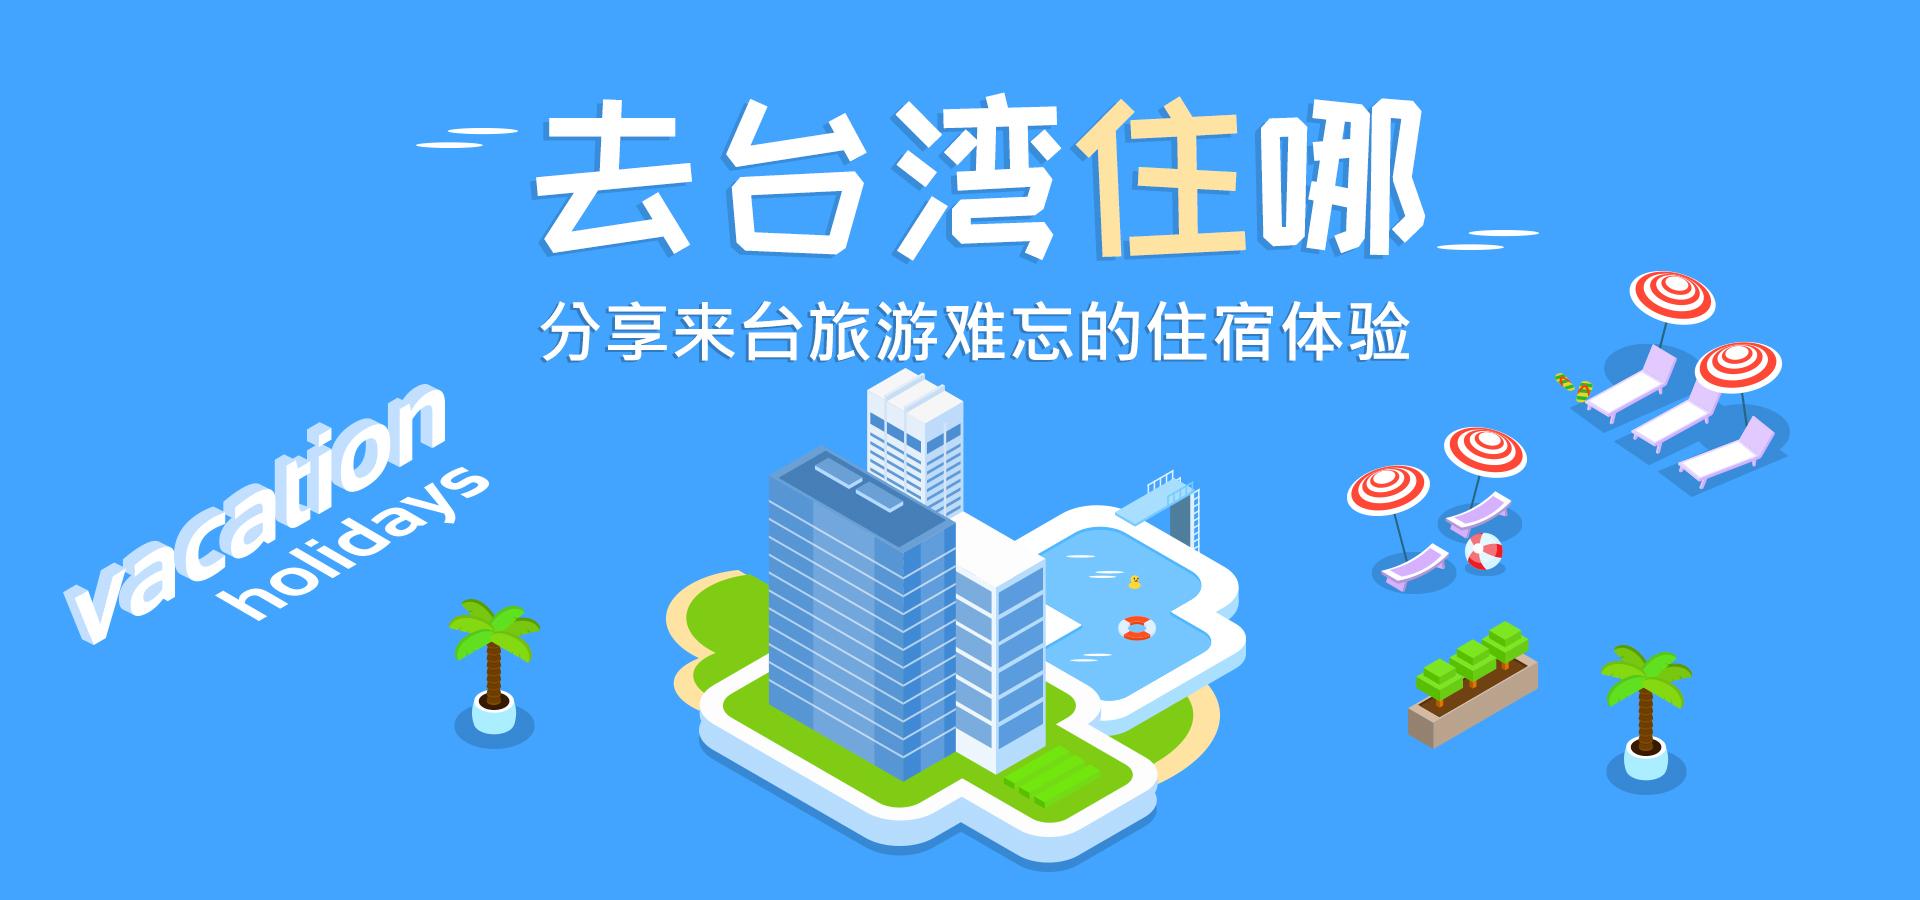 去台湾住哪 参加活动抽萧敬腾&张韶涵周边或台湾纪念品大礼包